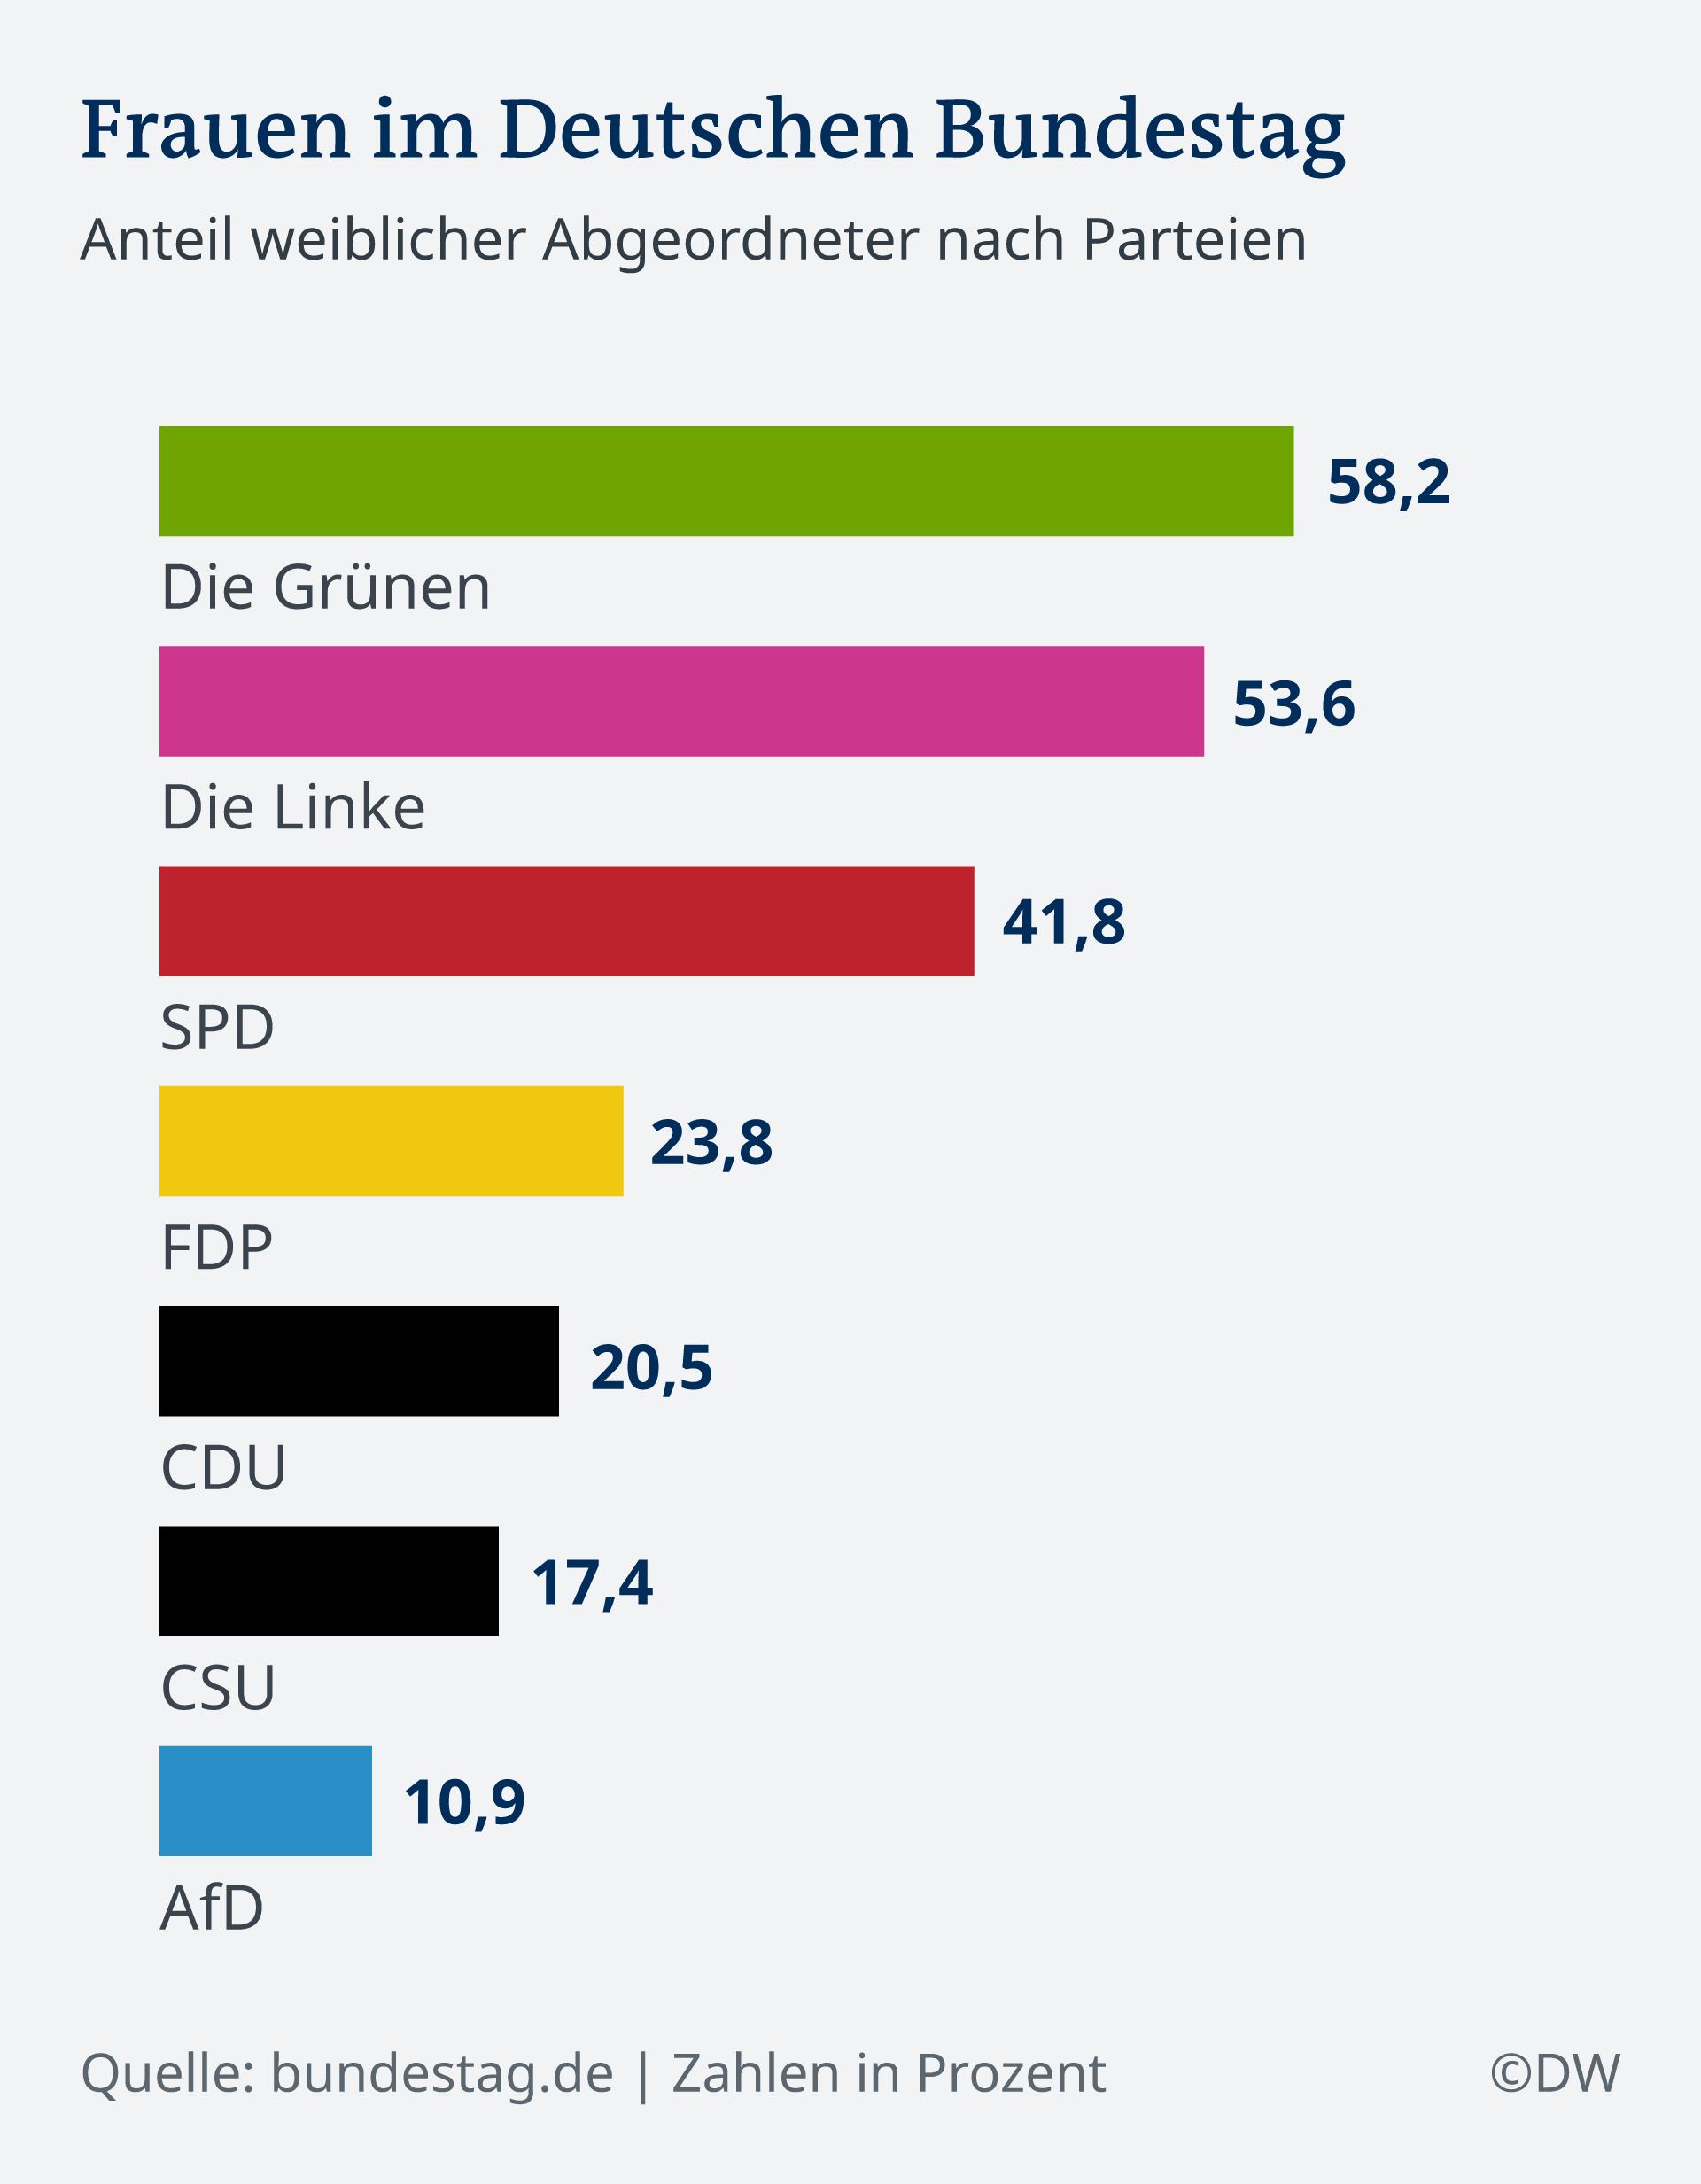 Infografik Frauen im Deutschen Bundestag DE